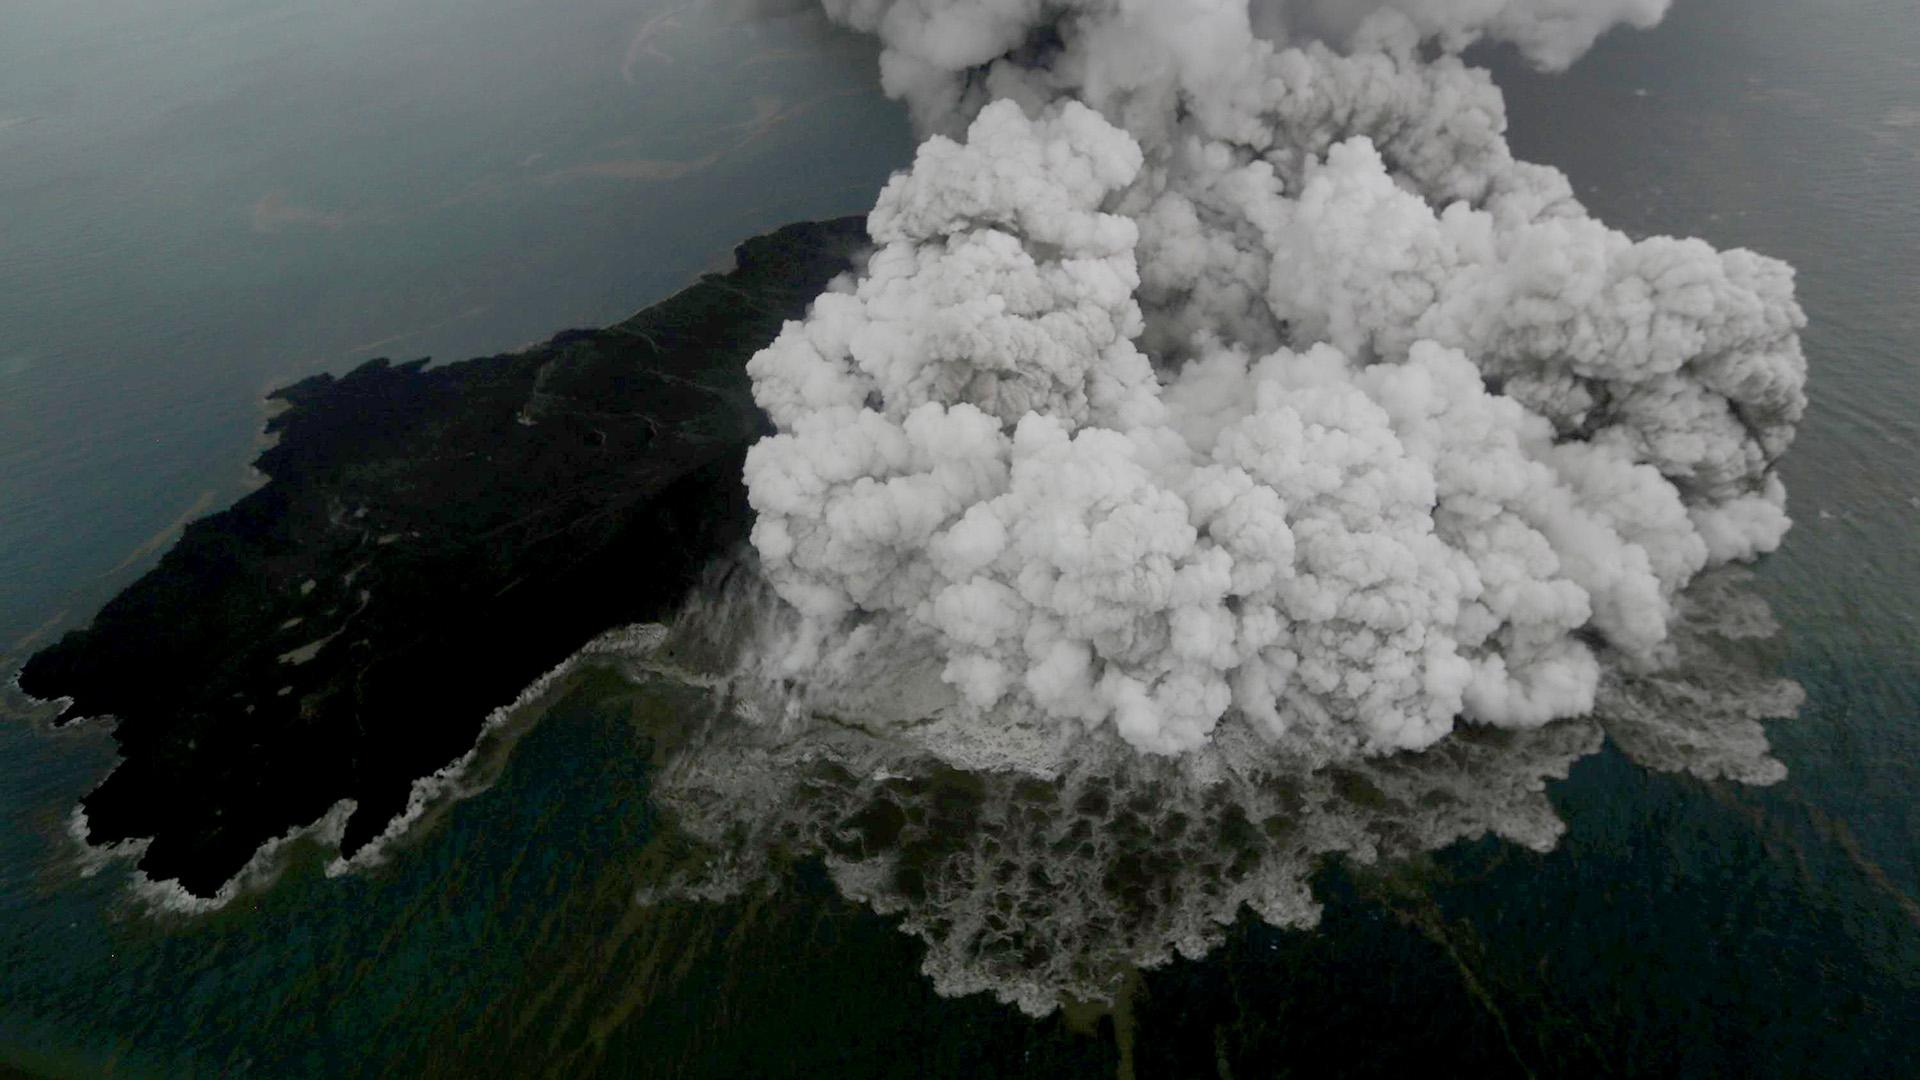 La erupción del volcán generó un terremoto y un tsunami (Nurul HIDAYAT / BISNIS INDONESIA / AFP)